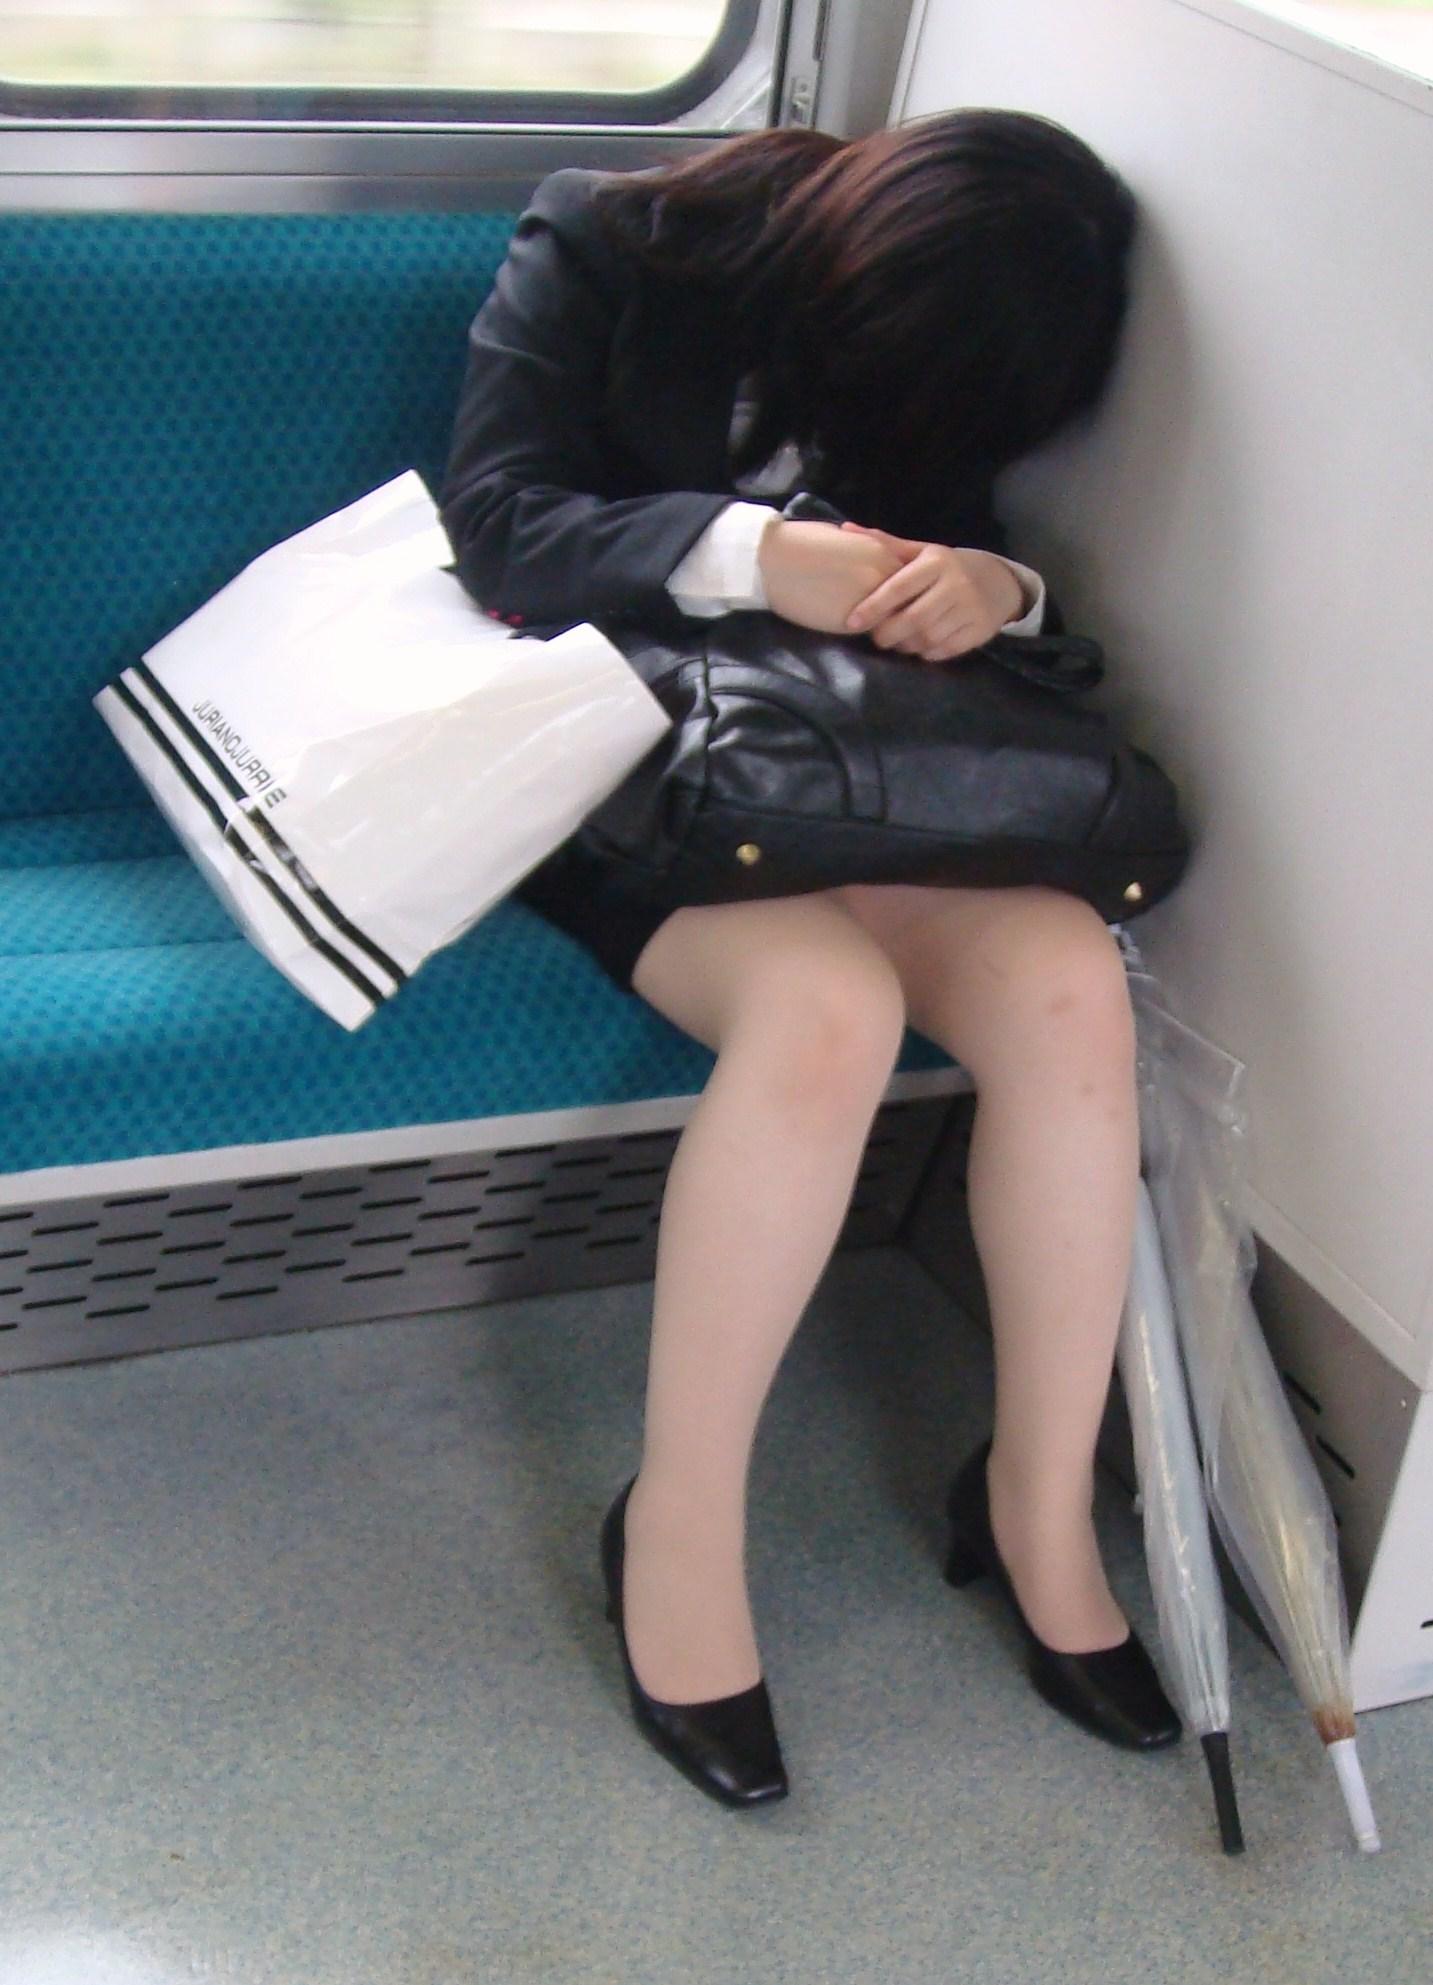 リクルートスーツフェチ〜Vol.34 [無断転載禁止]©bbspink.comYouTube動画>9本 ->画像>526枚